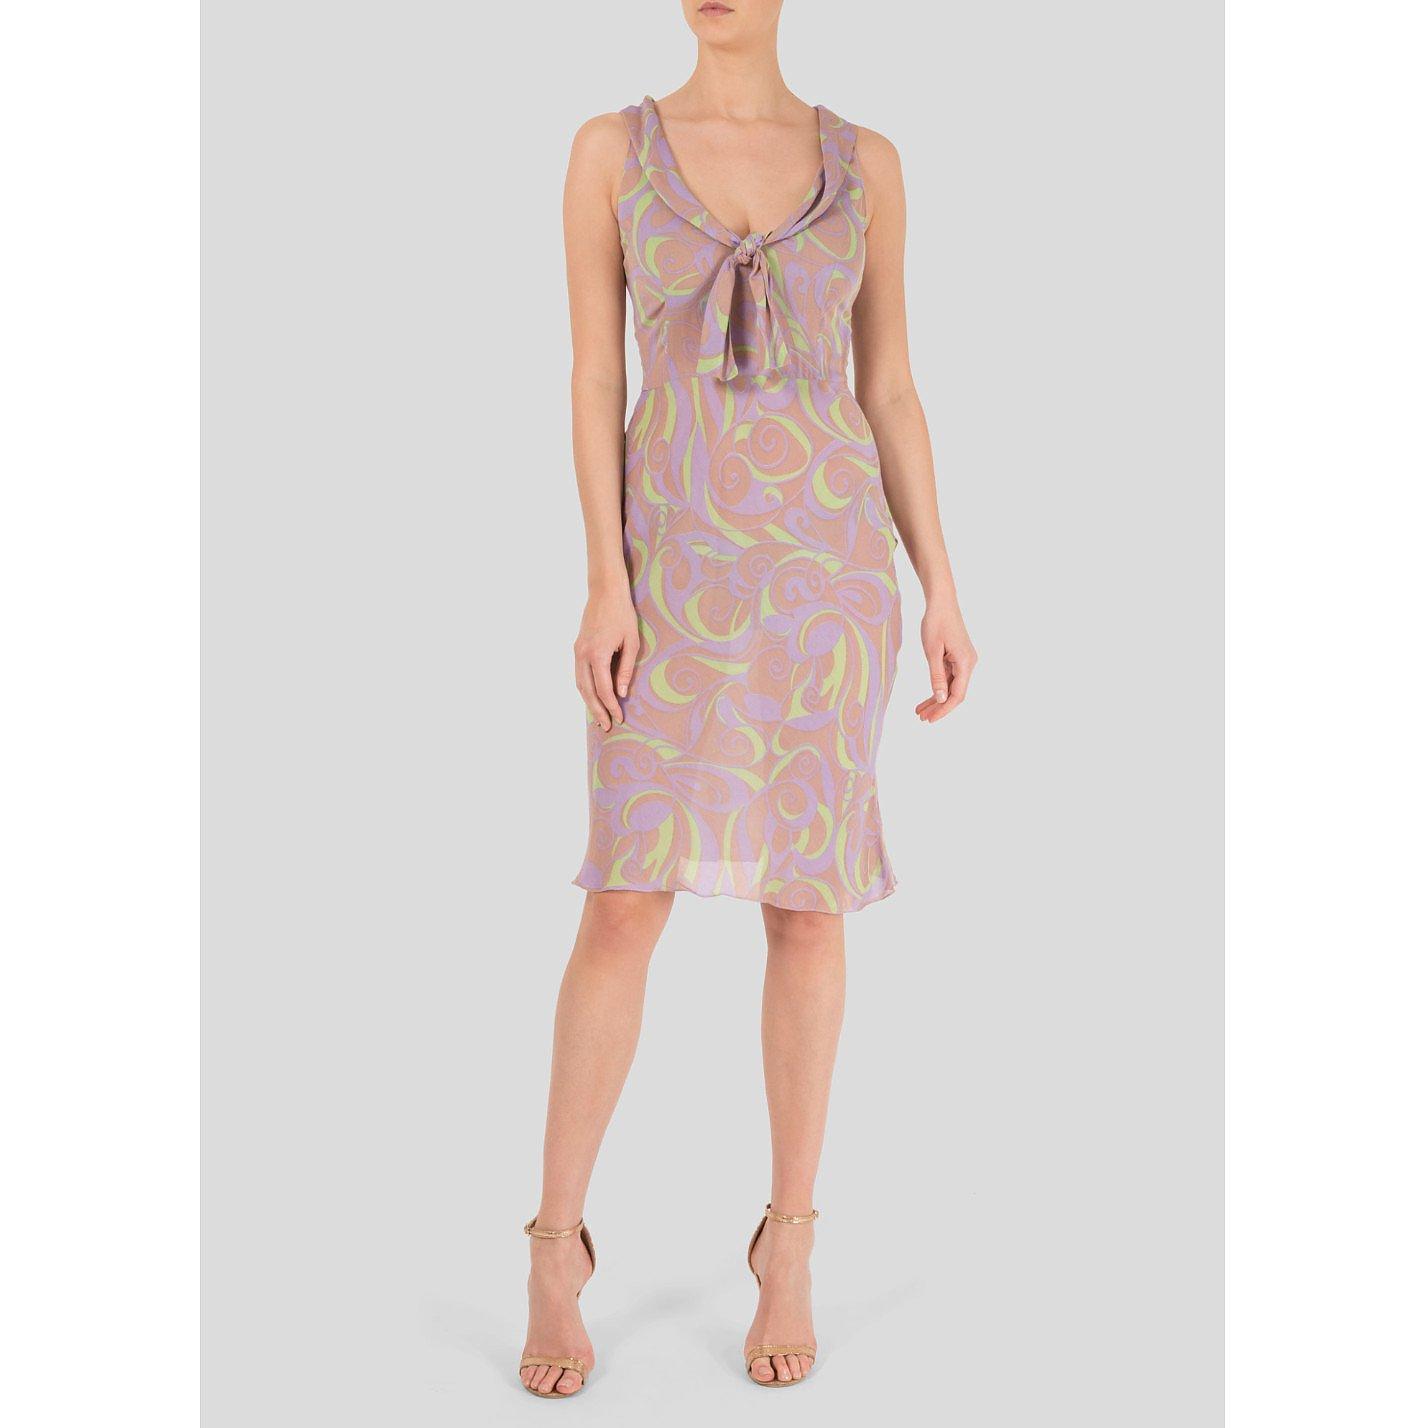 Miu Miu Swirl Print Dress